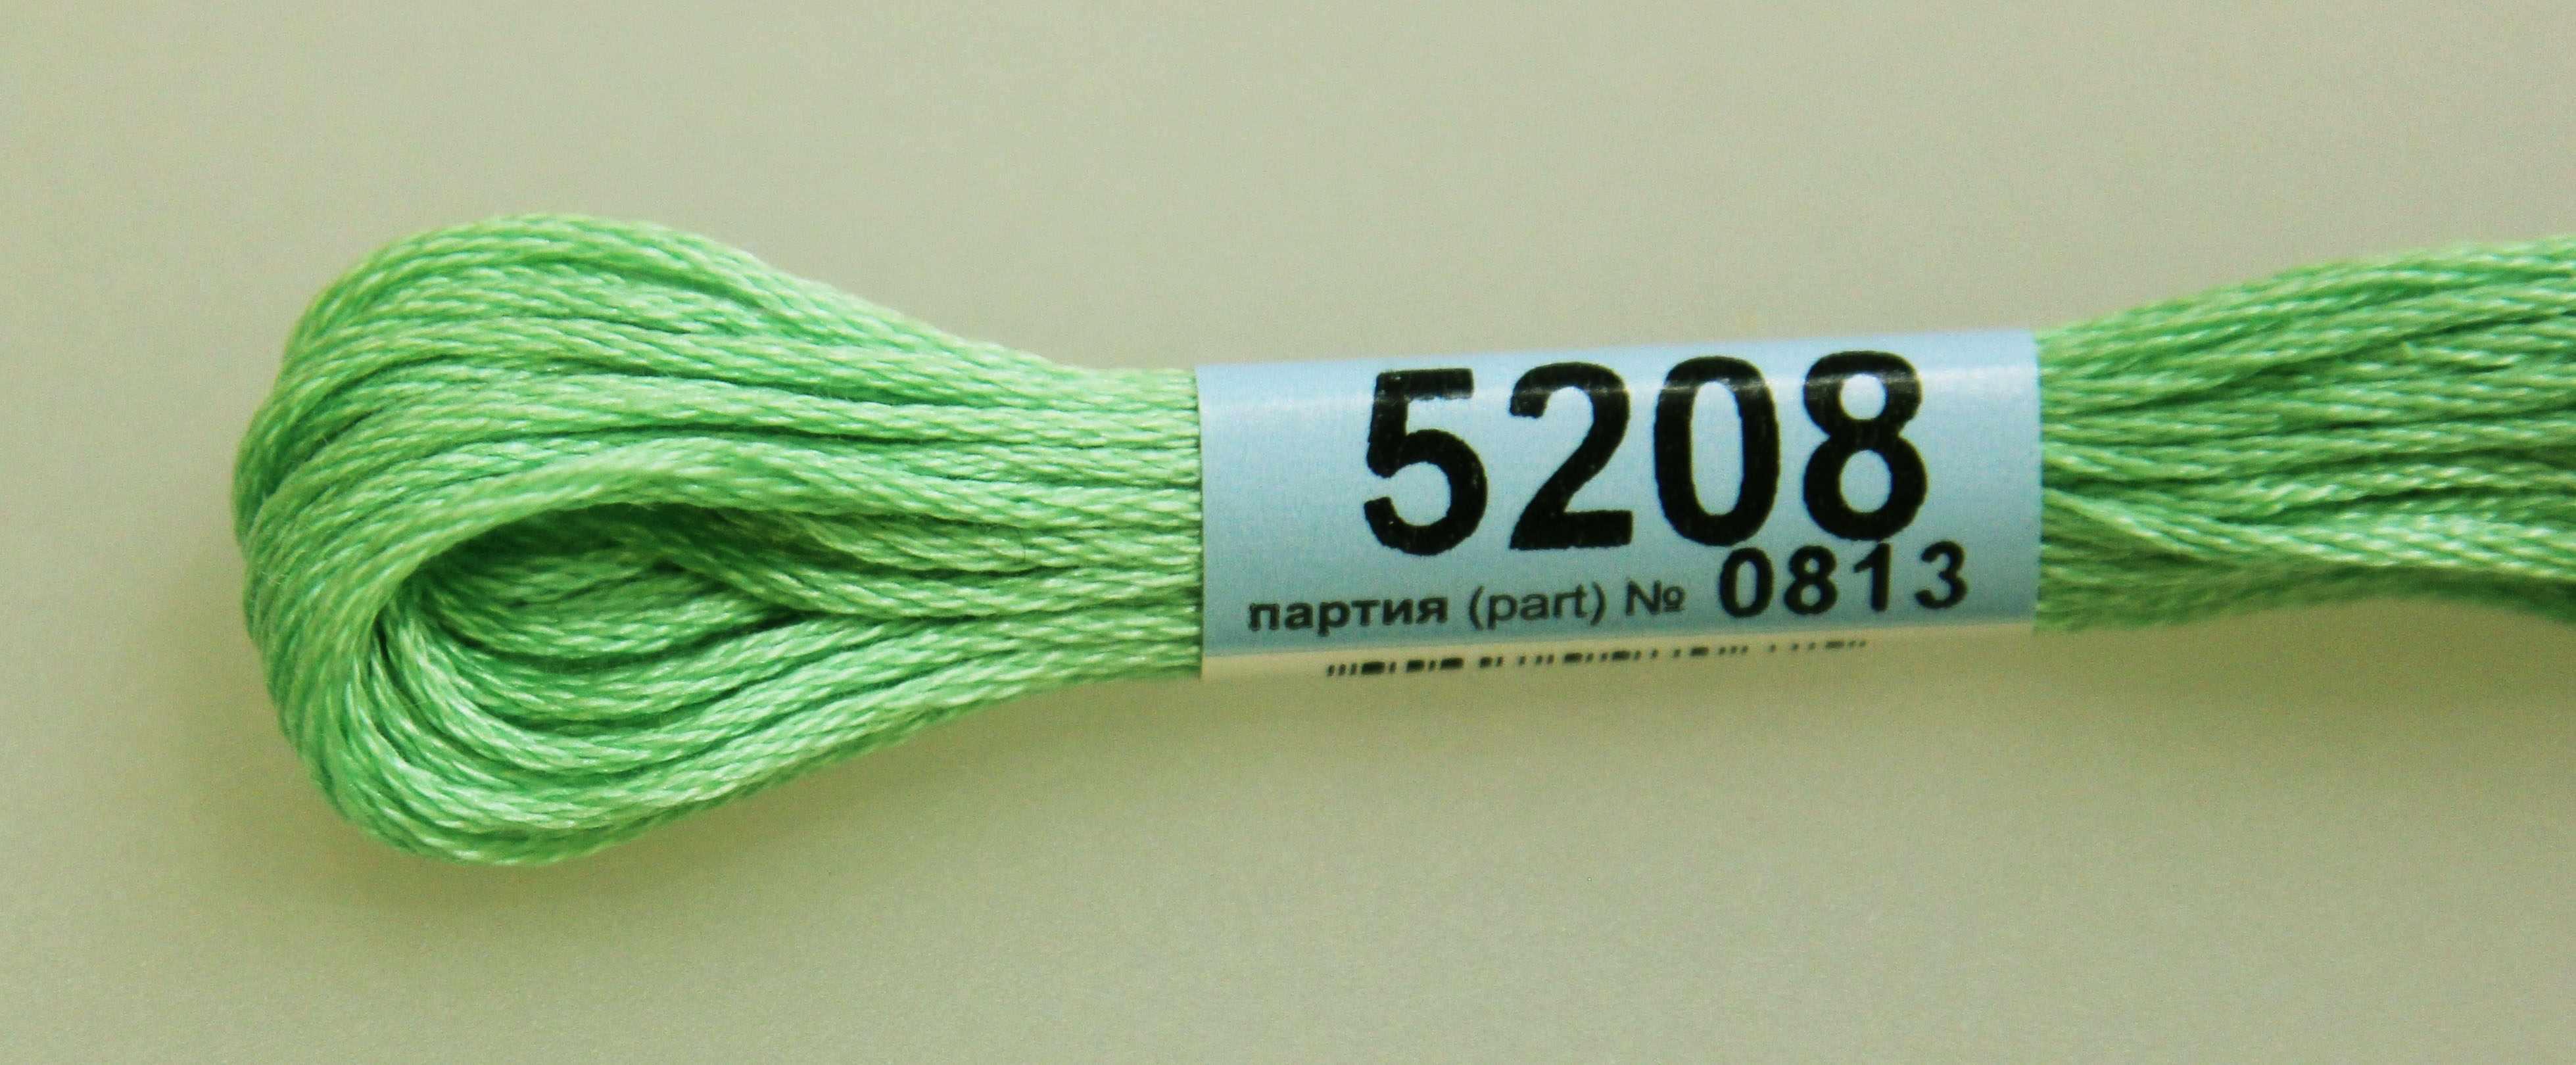 5208 (Гамма)